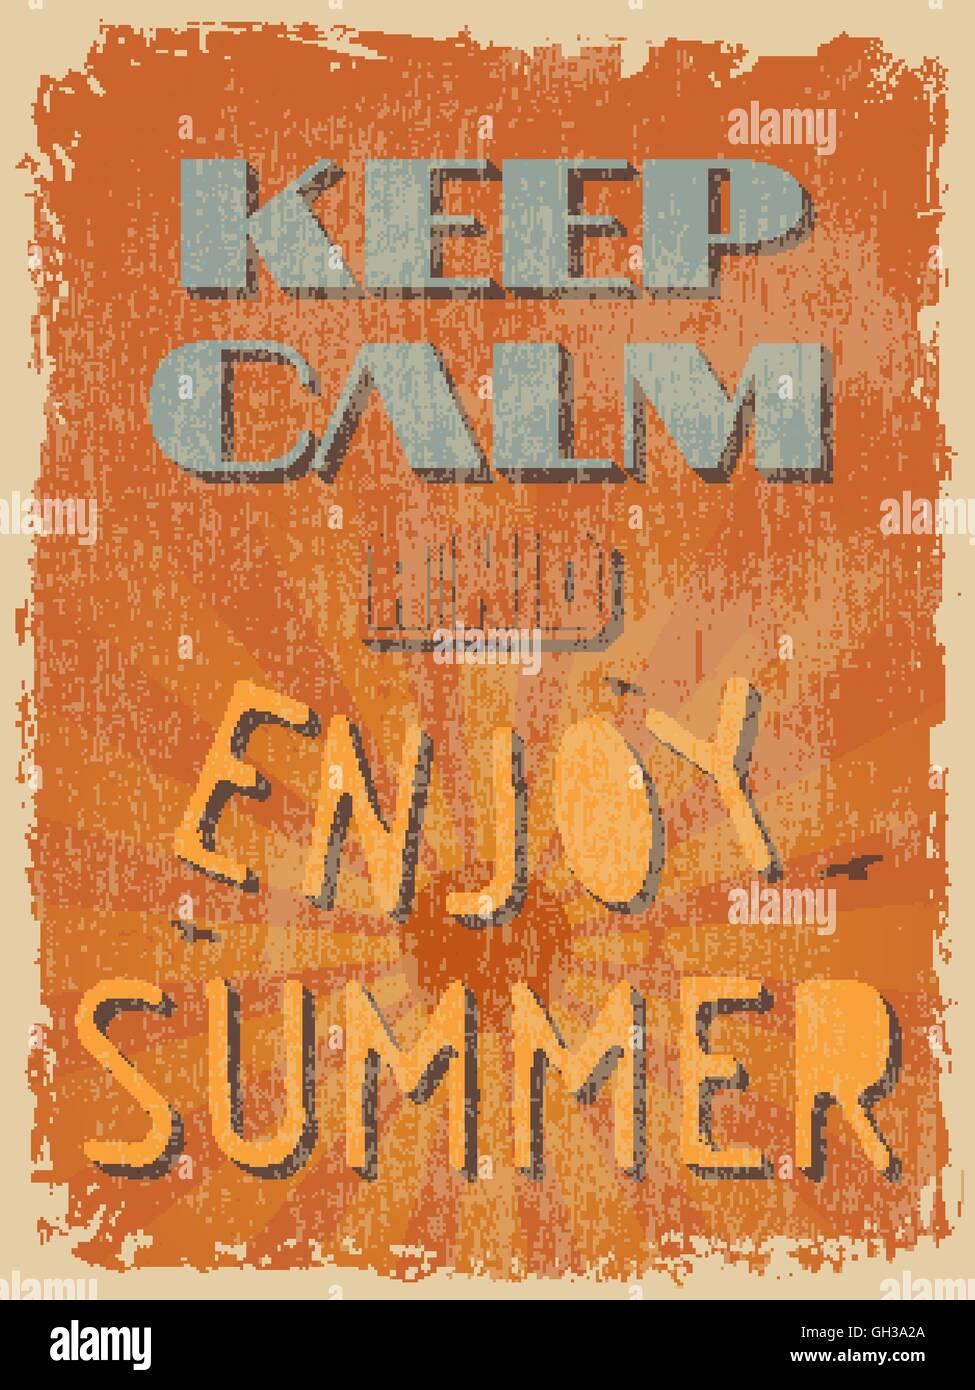 Retro Vintage motivierenden Zitat Poster. Bleiben Sie ruhig und genießen Sie den Sommer. Vektor-illustration Stockbild